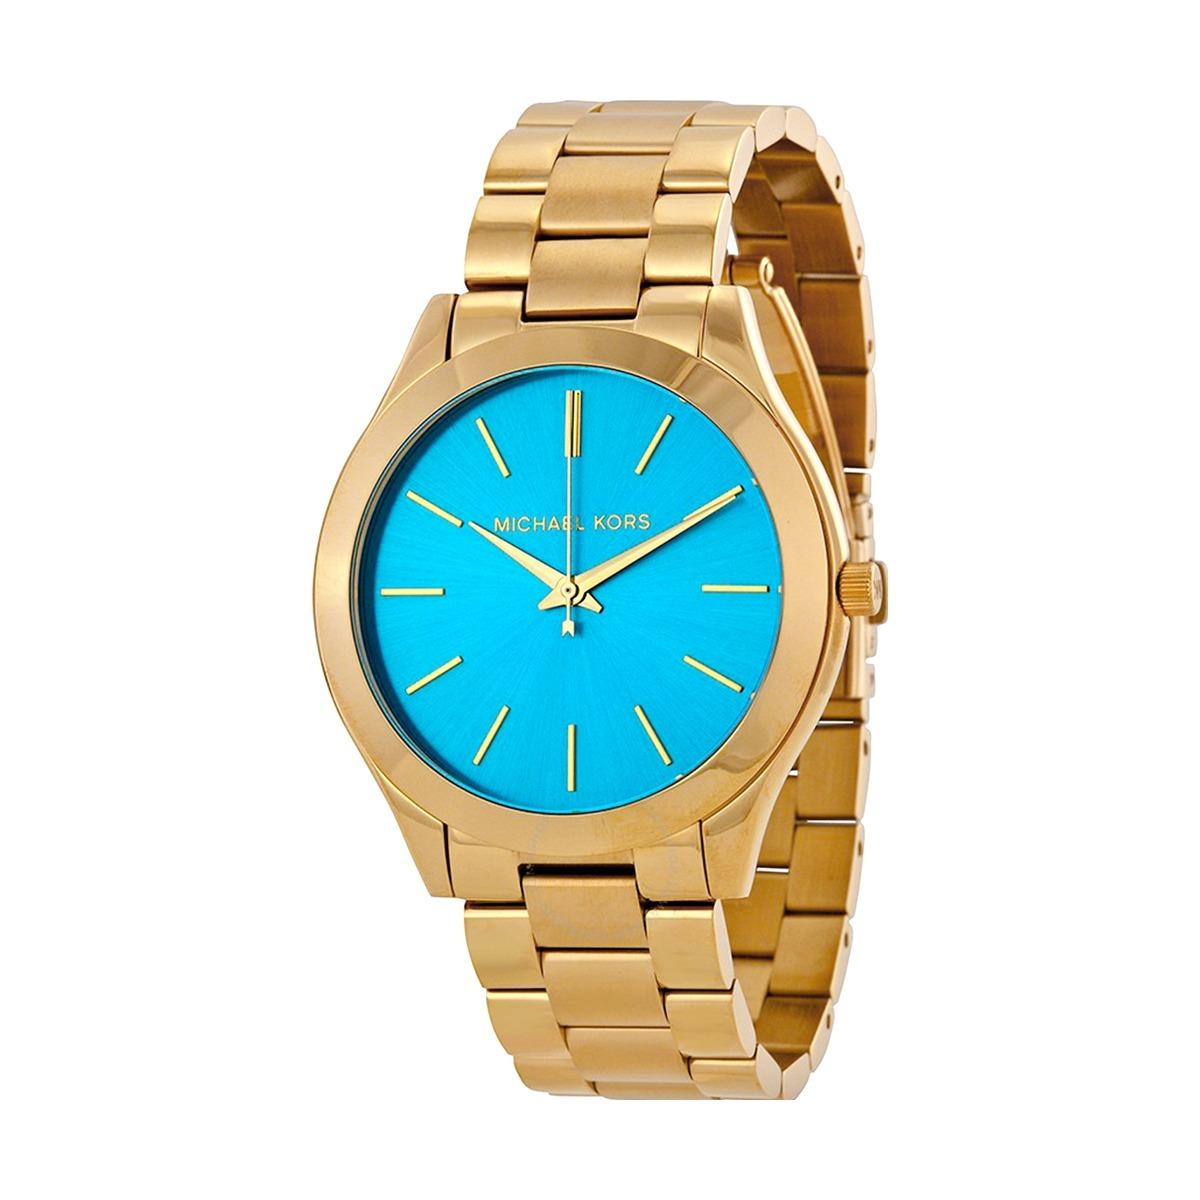 Mujer Reloj Kors Nuevo Mk3265 Michael Para Garantía Original SzGpMqULV